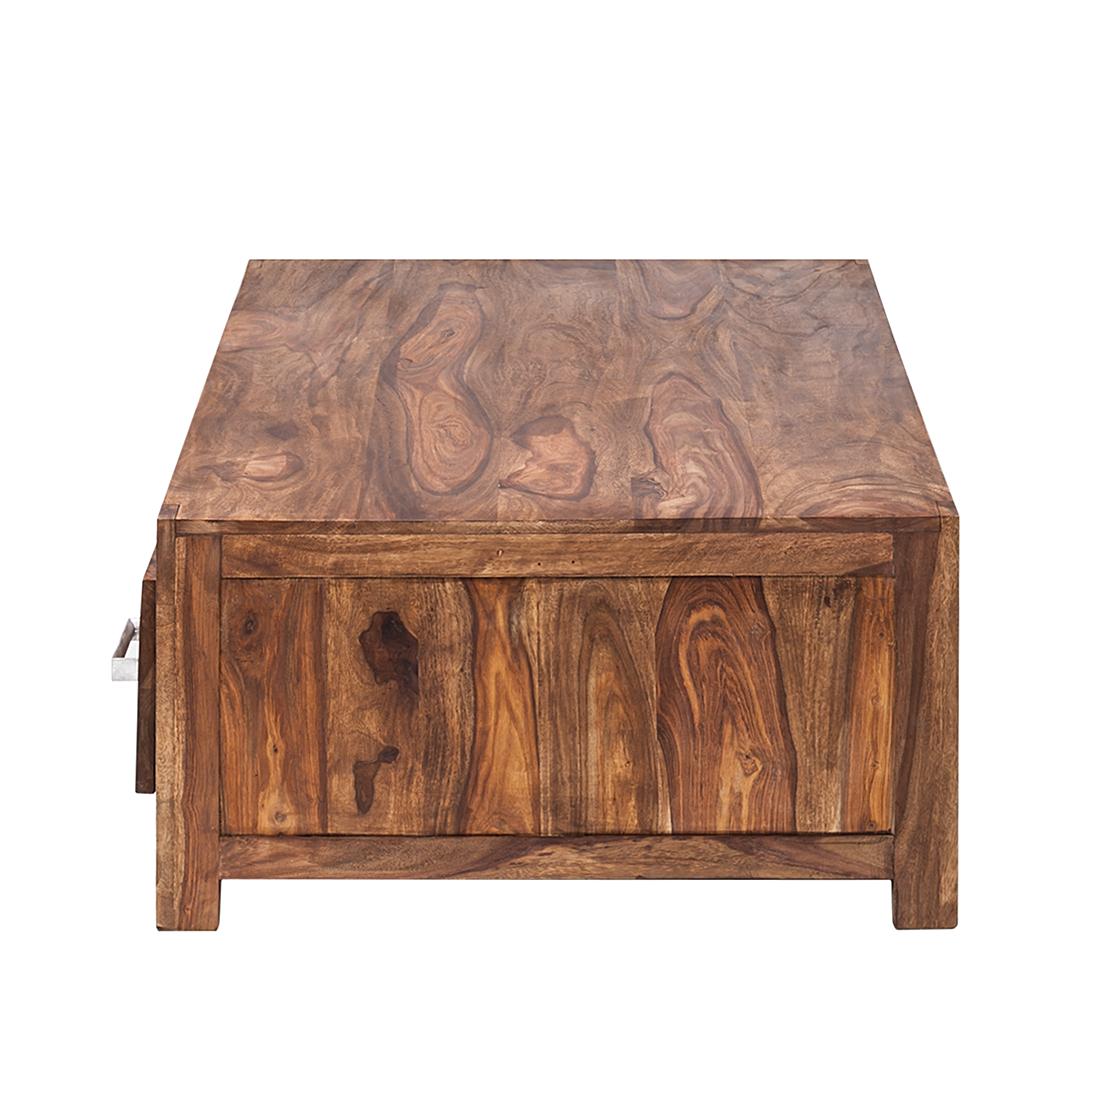 couchtisch 4 schubladen sheesham massivholz beistelltisch couch sofa tisch neu ebay. Black Bedroom Furniture Sets. Home Design Ideas